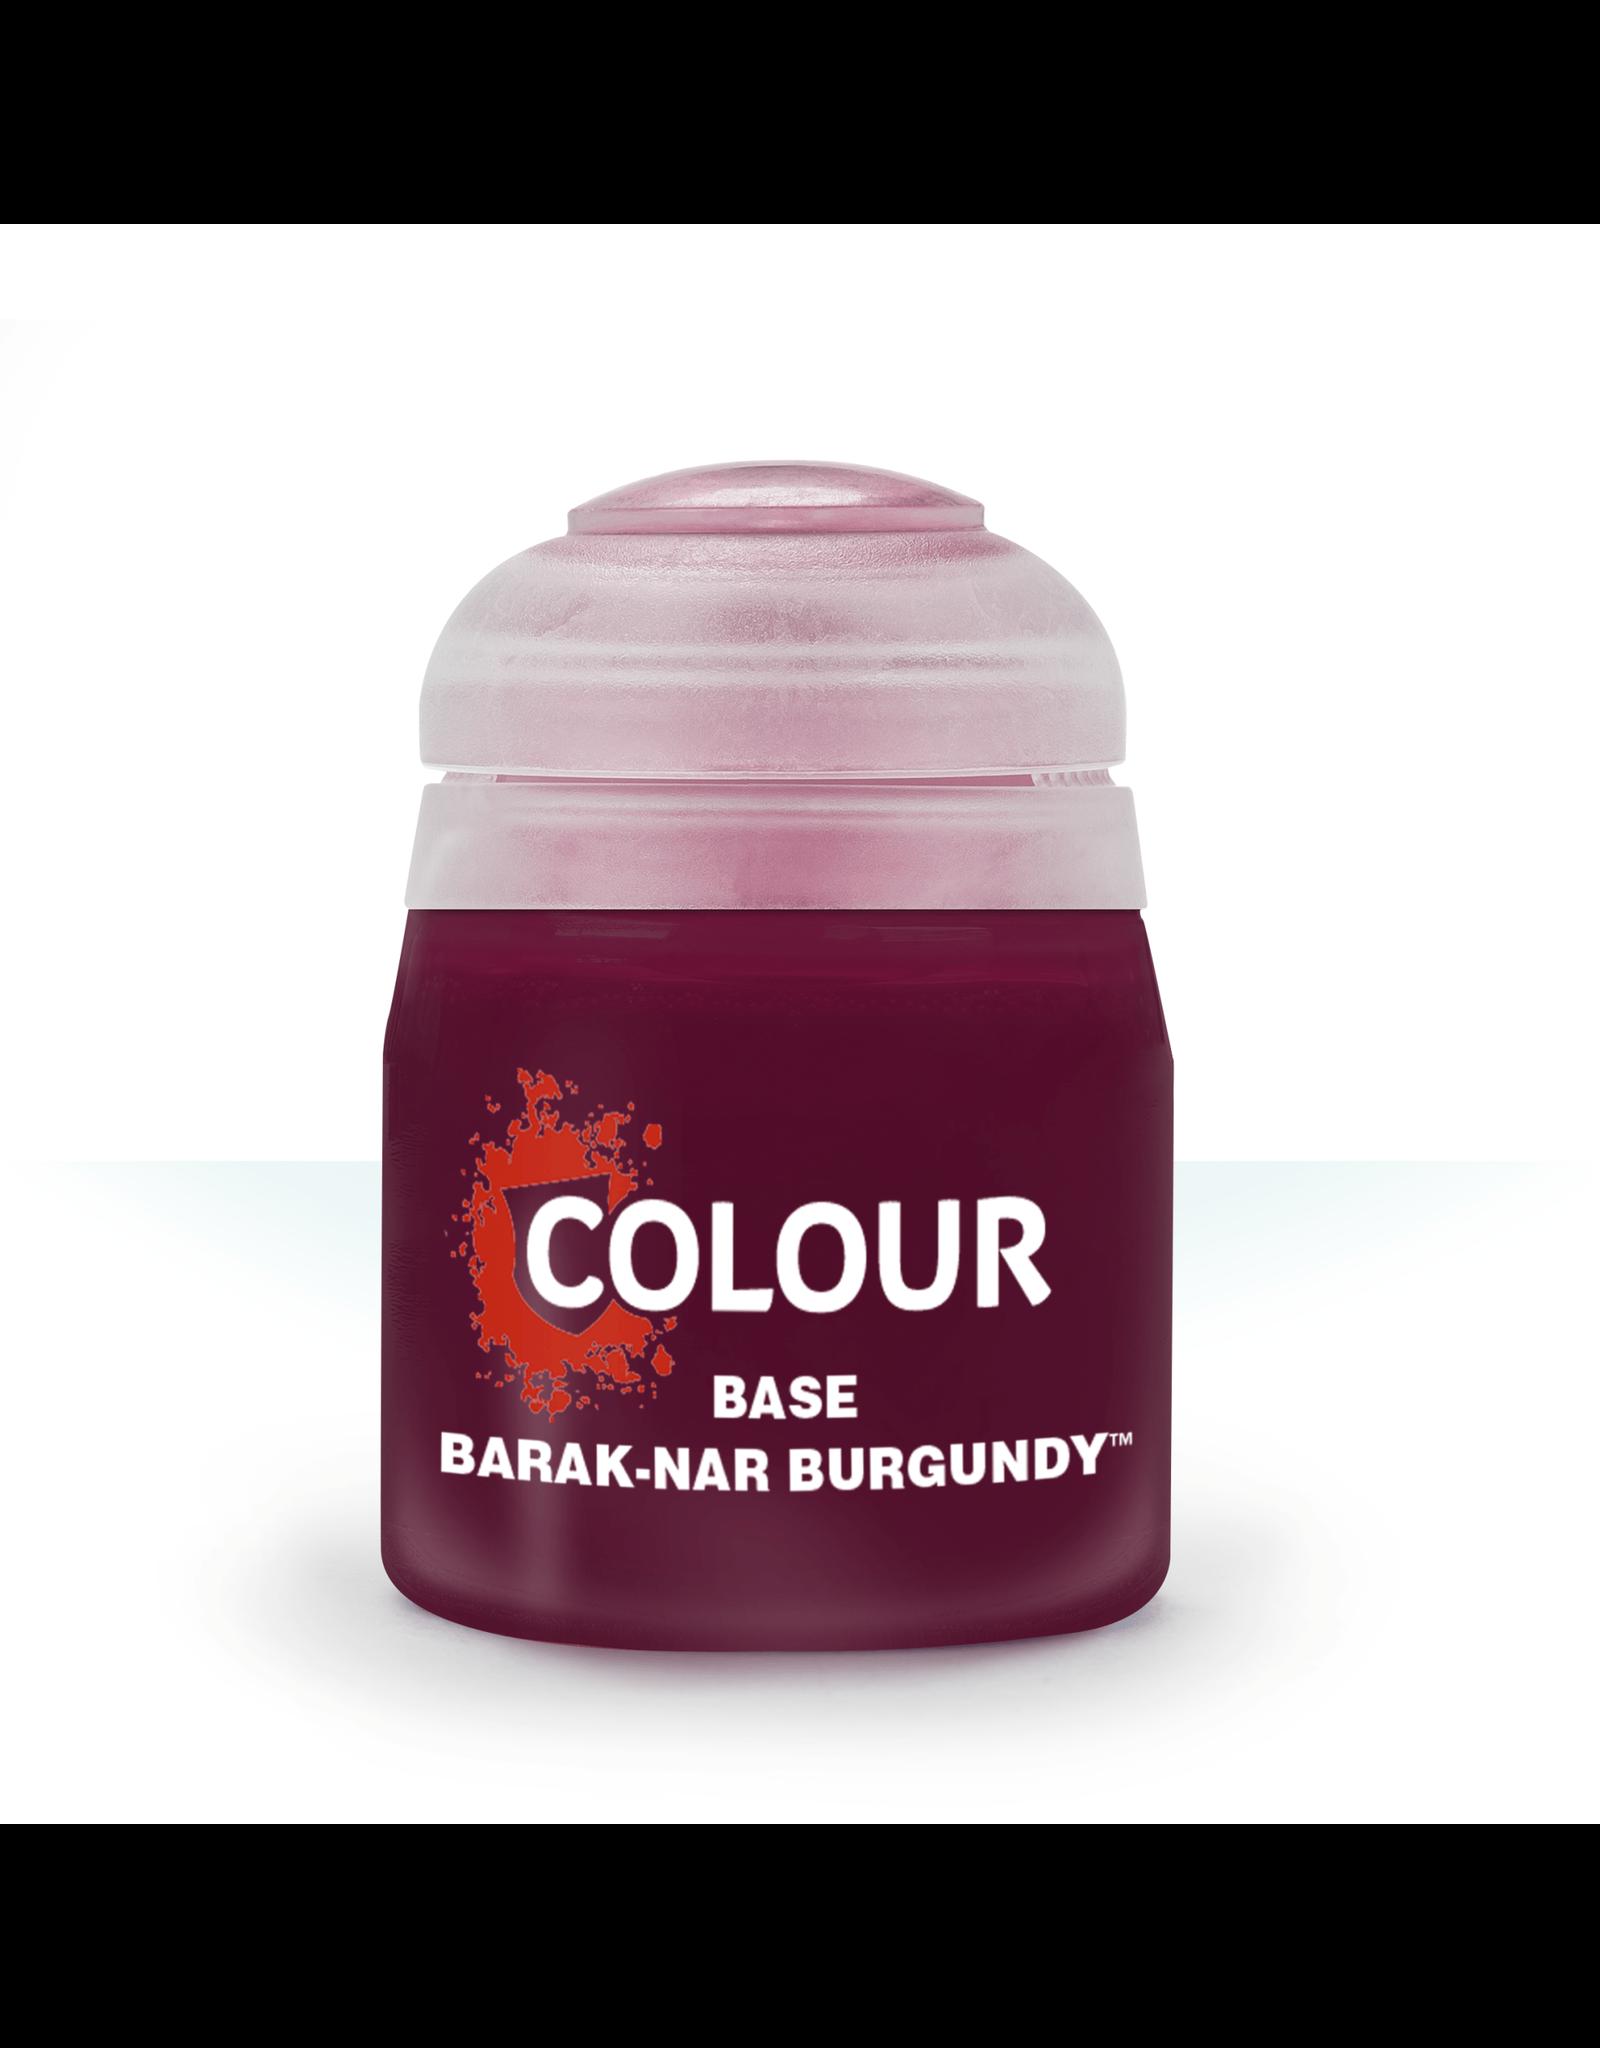 Games Workshop Base: Barak-Nar Burgundy